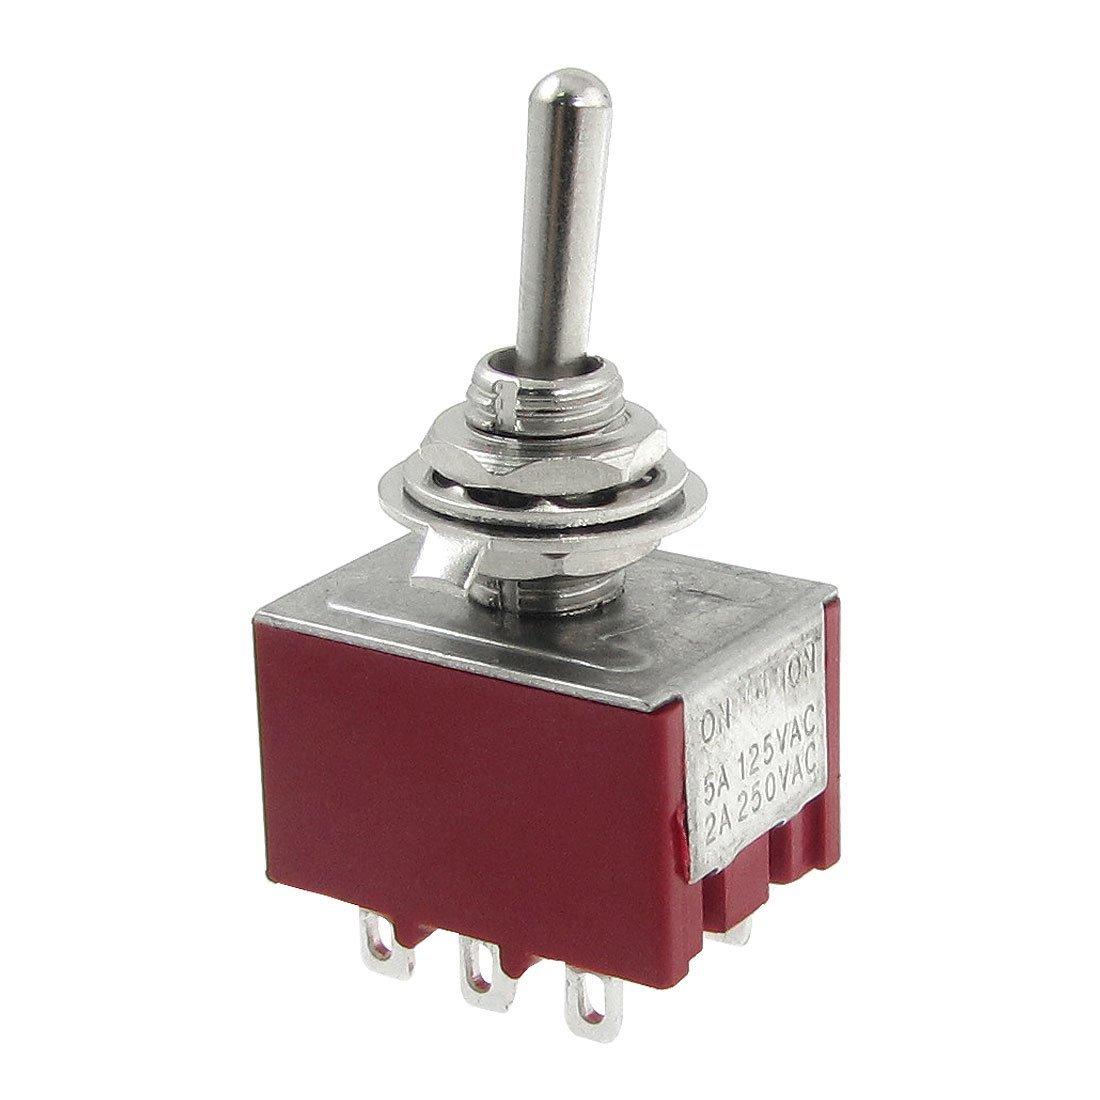 цена на MYLB-AC 250V 2A 125V 5A ON/ON 2 Position 3PDT Toggle Switch